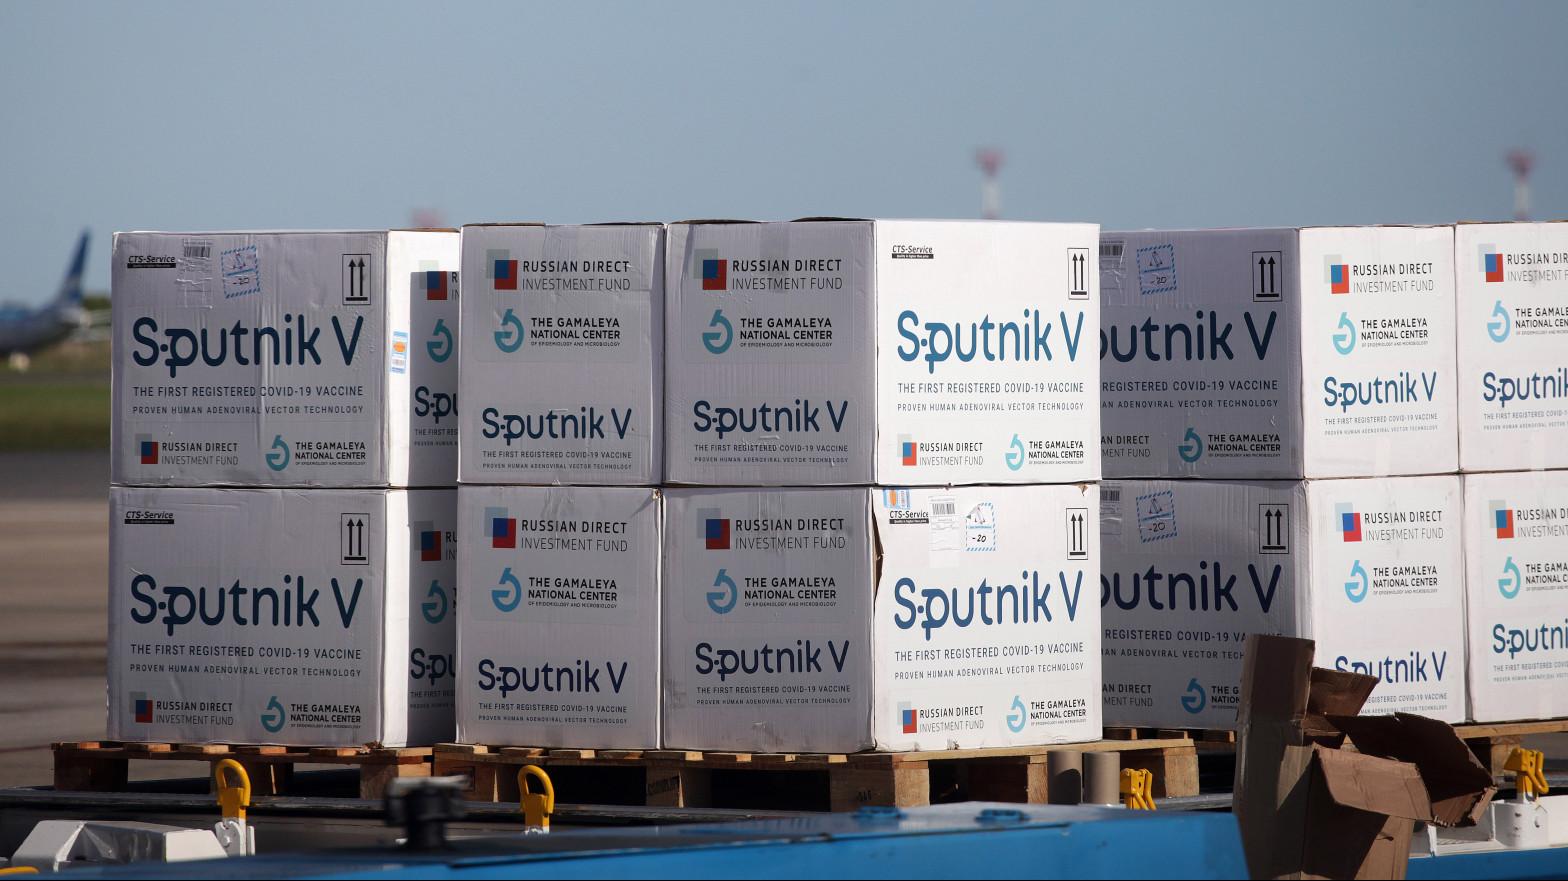 La EMA investigará los estándares éticos en el desarrollo de la vacuna rusa Sputnik